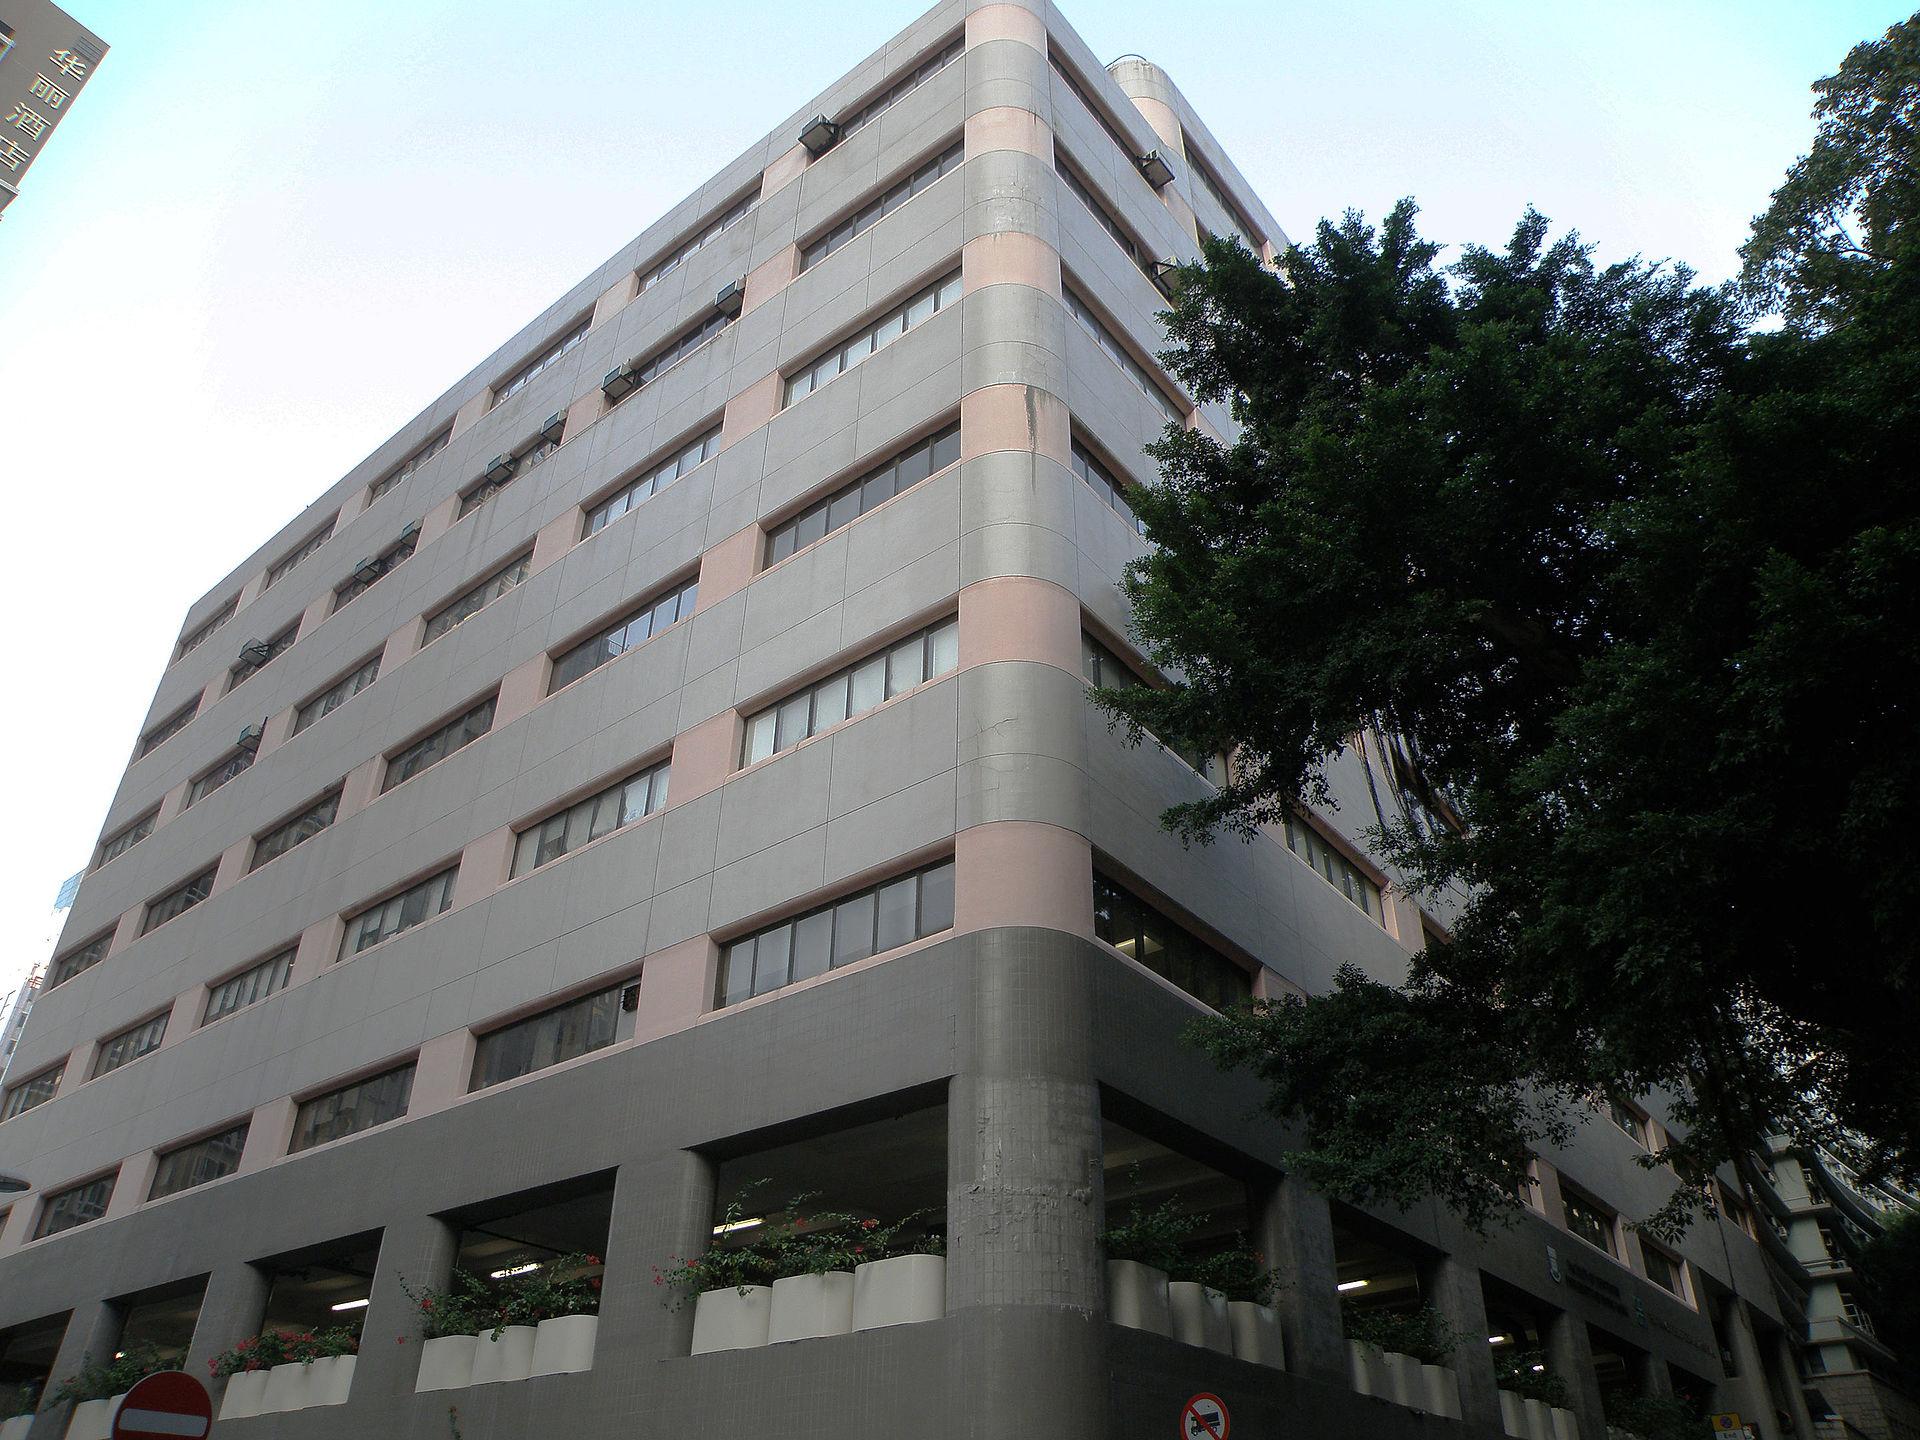 菲臘牙科醫院 - 維基百科,自由的百科全書